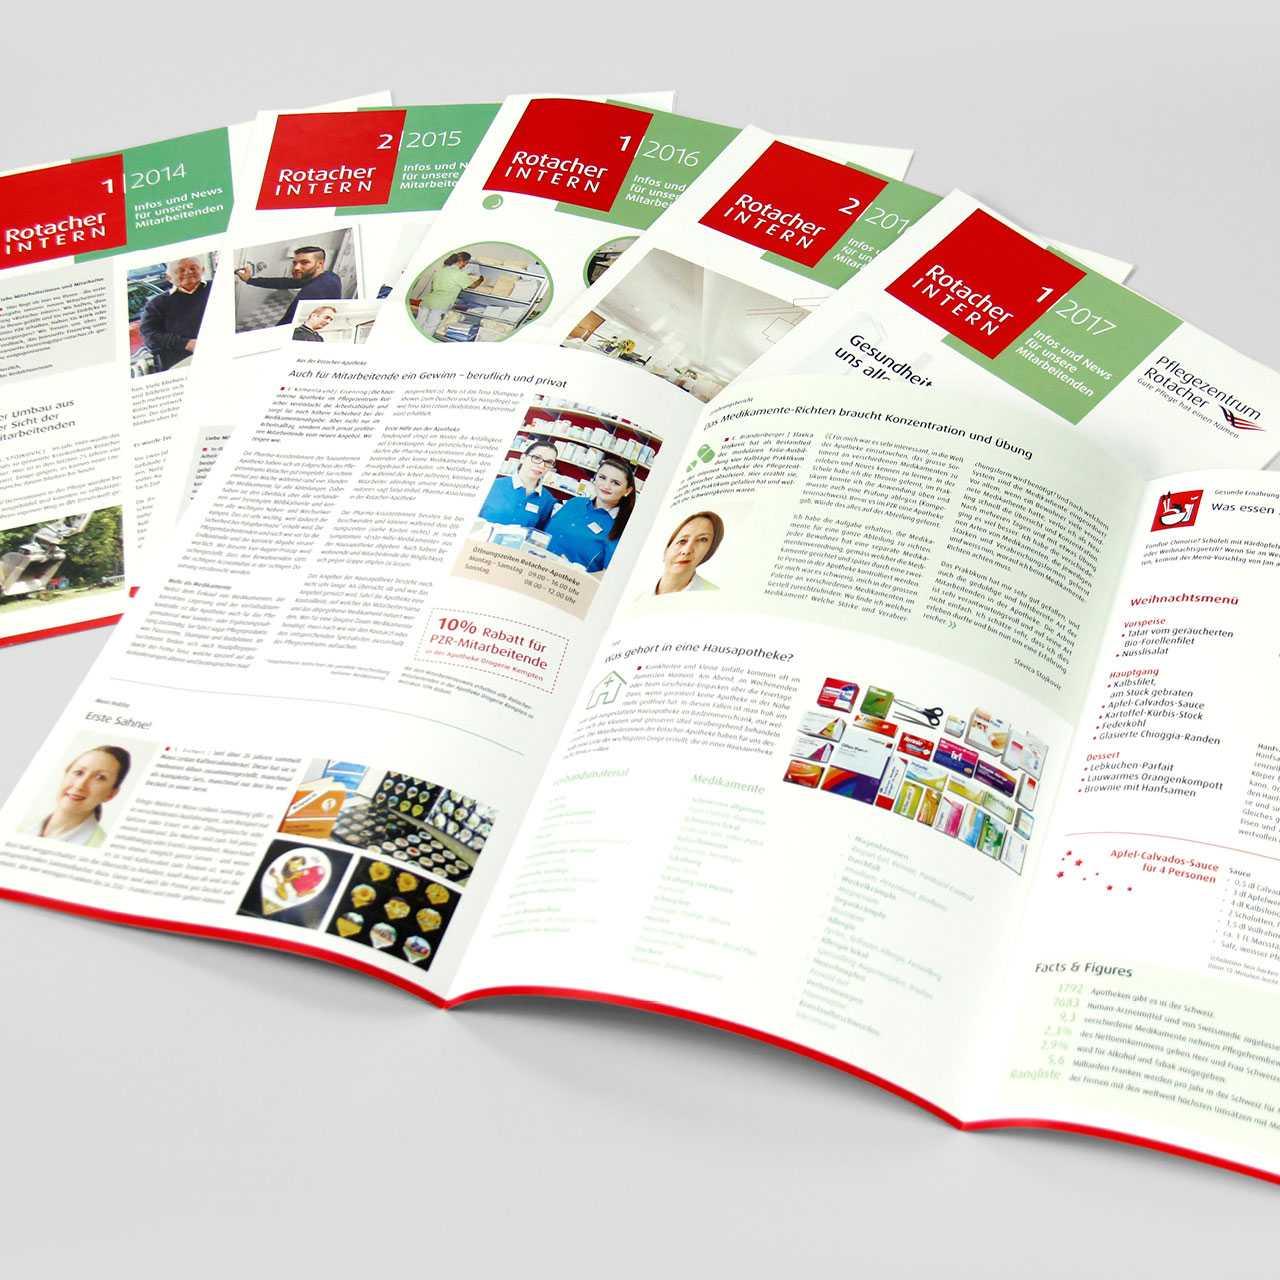 Pflegezentrum Rotacher: Mitarbeiter- und Kundenmagazin, Rotacher Intern